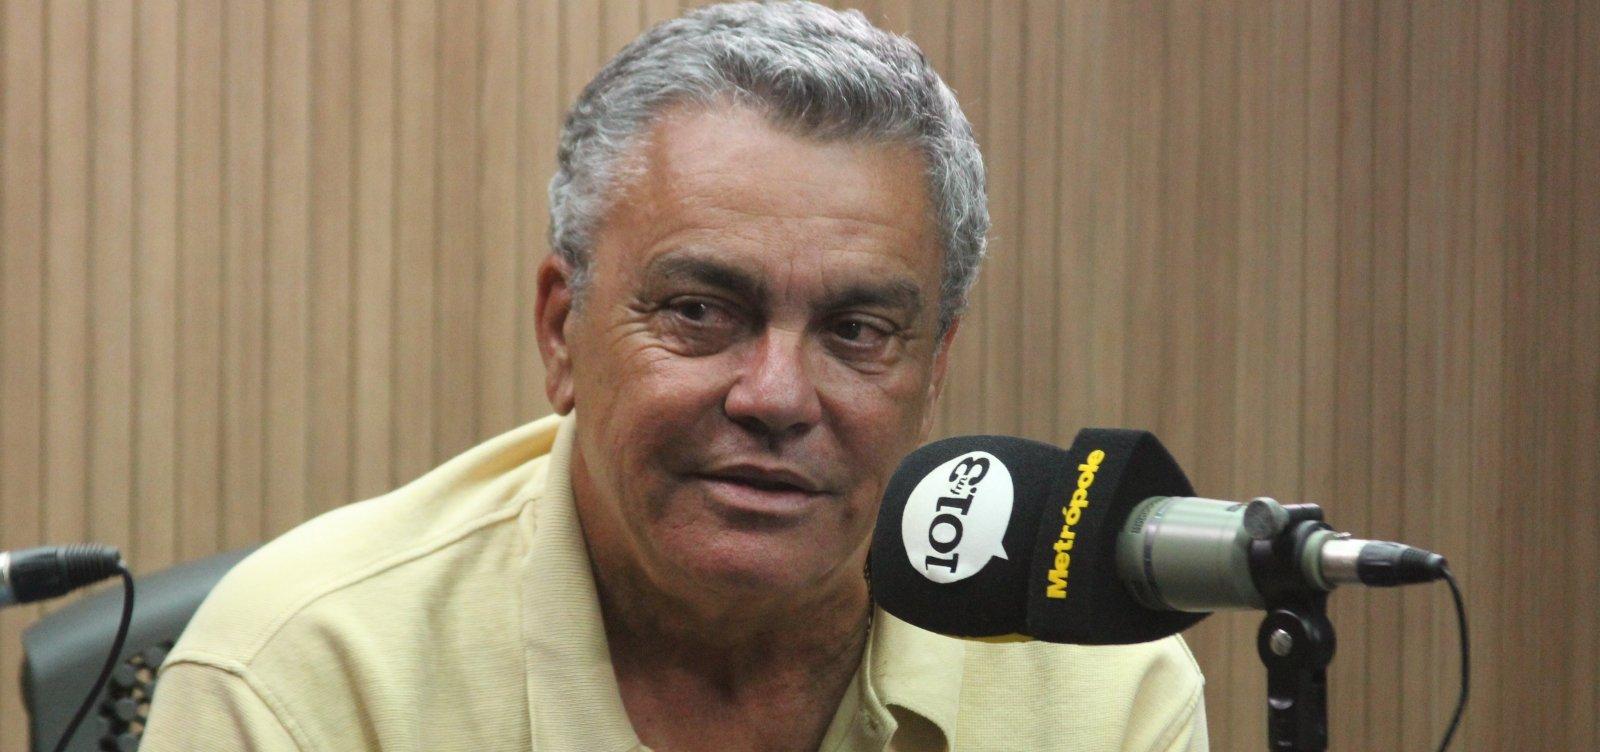 [Vitória apresenta protocolo de retorno aos treinos e presidente critica Bolsonaro: 'Tinha que internar']